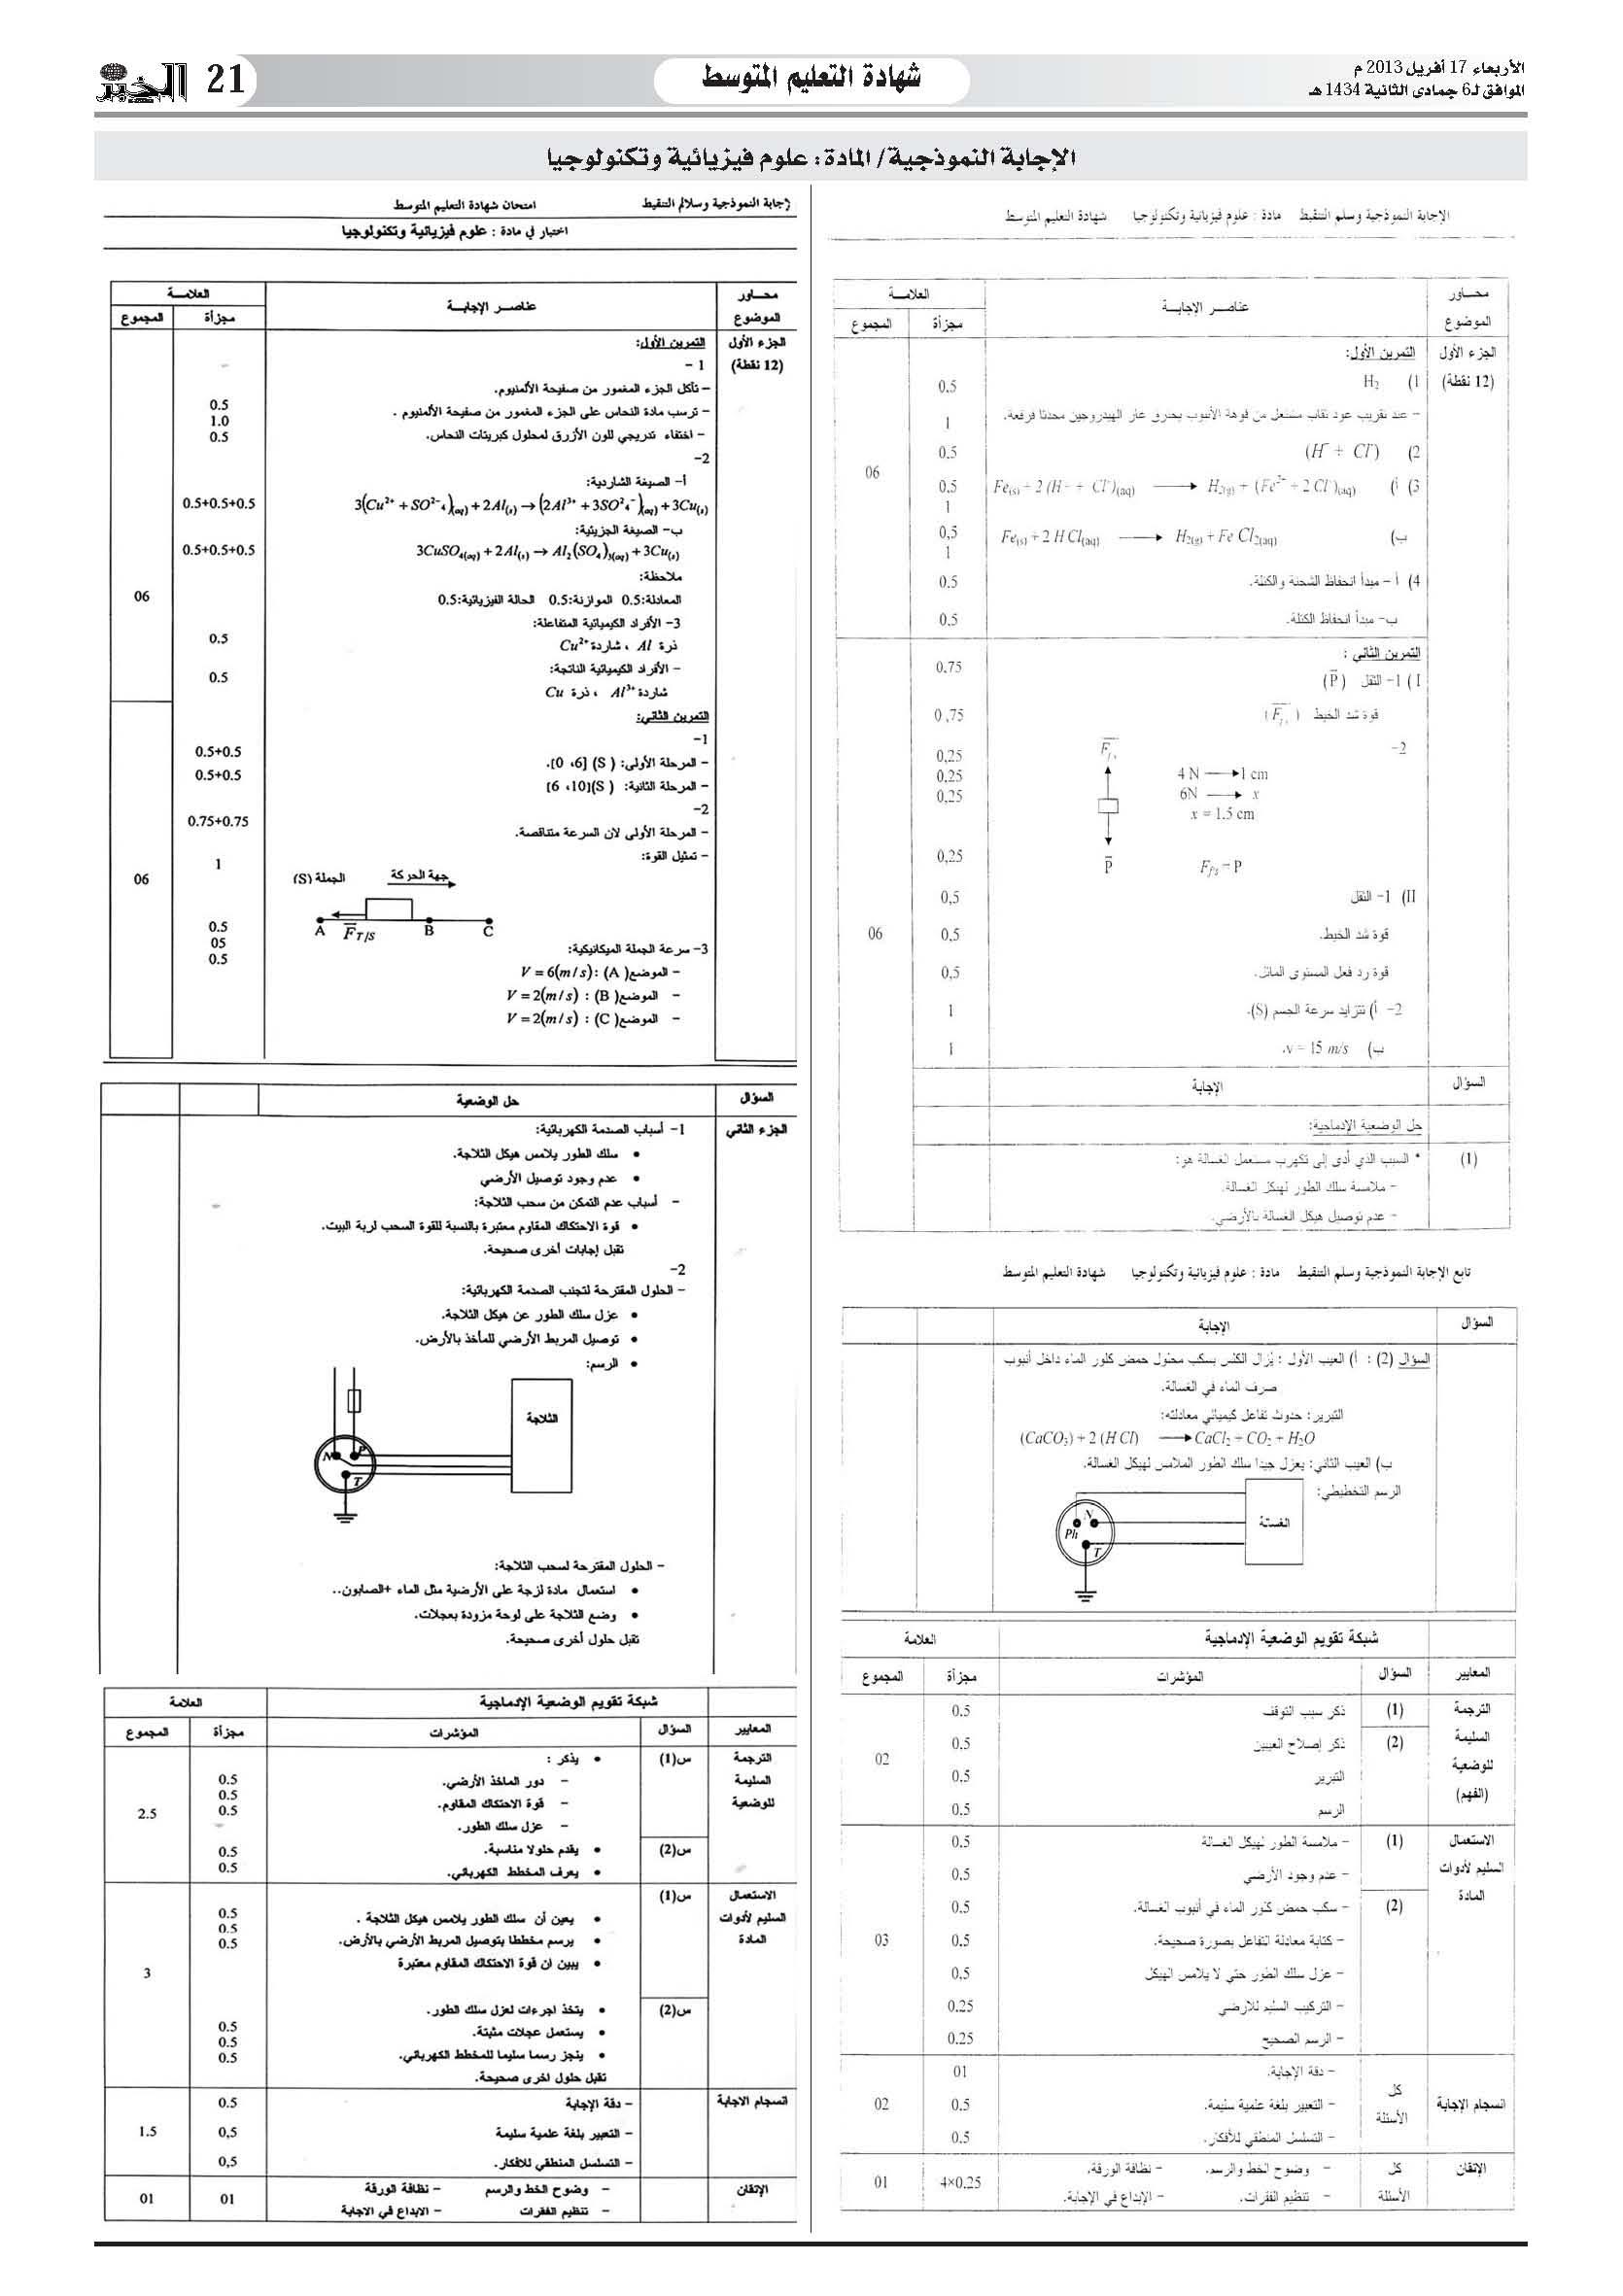 مواضيع جريدة الخبر المقترحة لشهادة التعليم المتوسط العلوم الفيزيائية Elkhabar2013bem_17-04